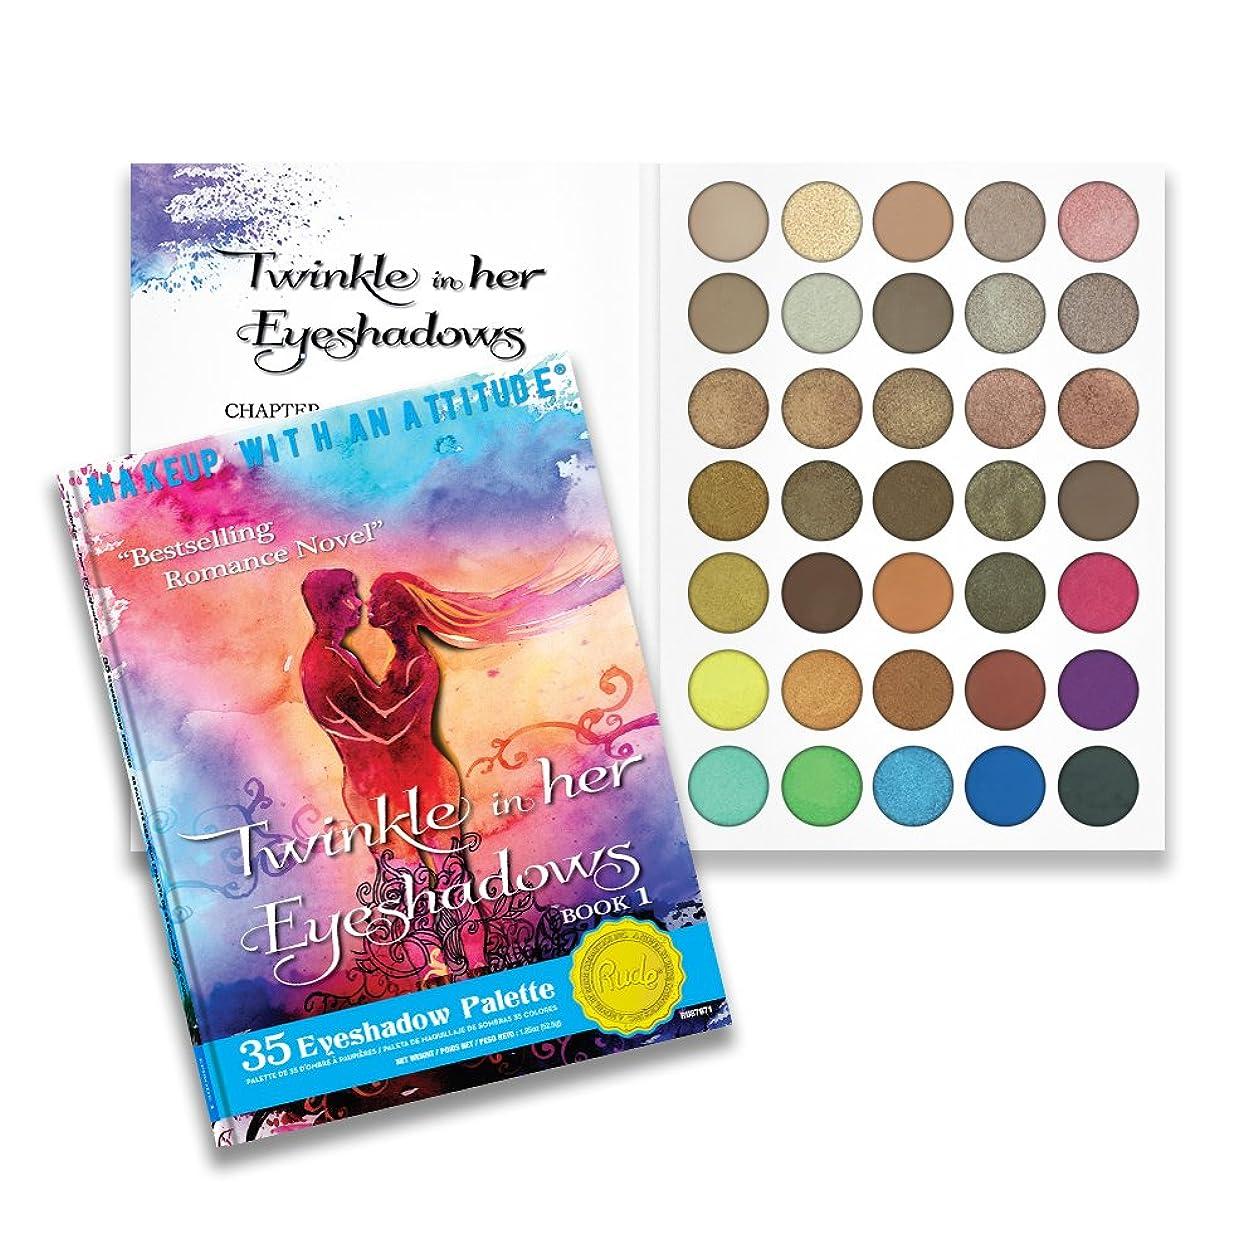 脱走ロースト騒(6 Pack) RUDE Twinkle In Her Eyeshadows 35 Eyeshadow Palette - Book 1 (並行輸入品)